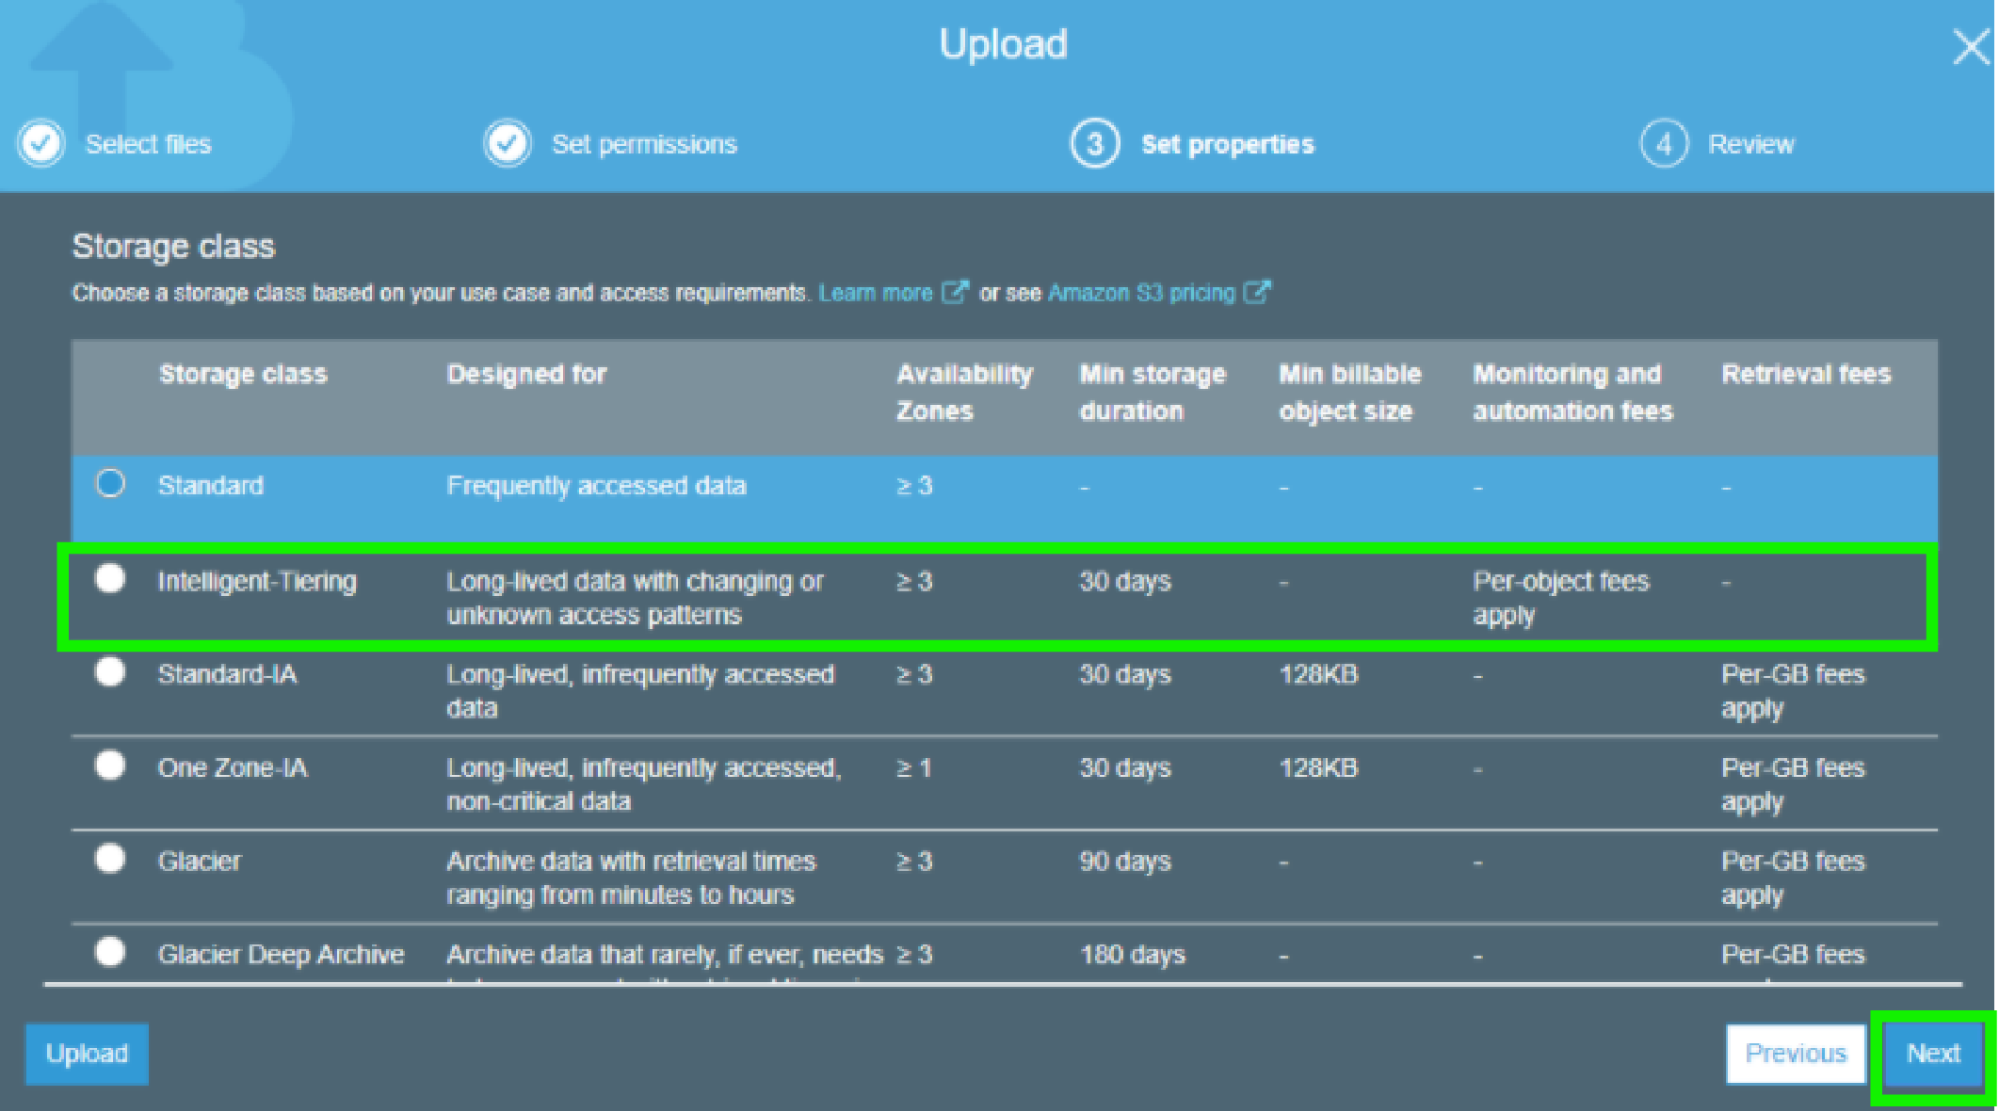 AWS S3 - Storage Class